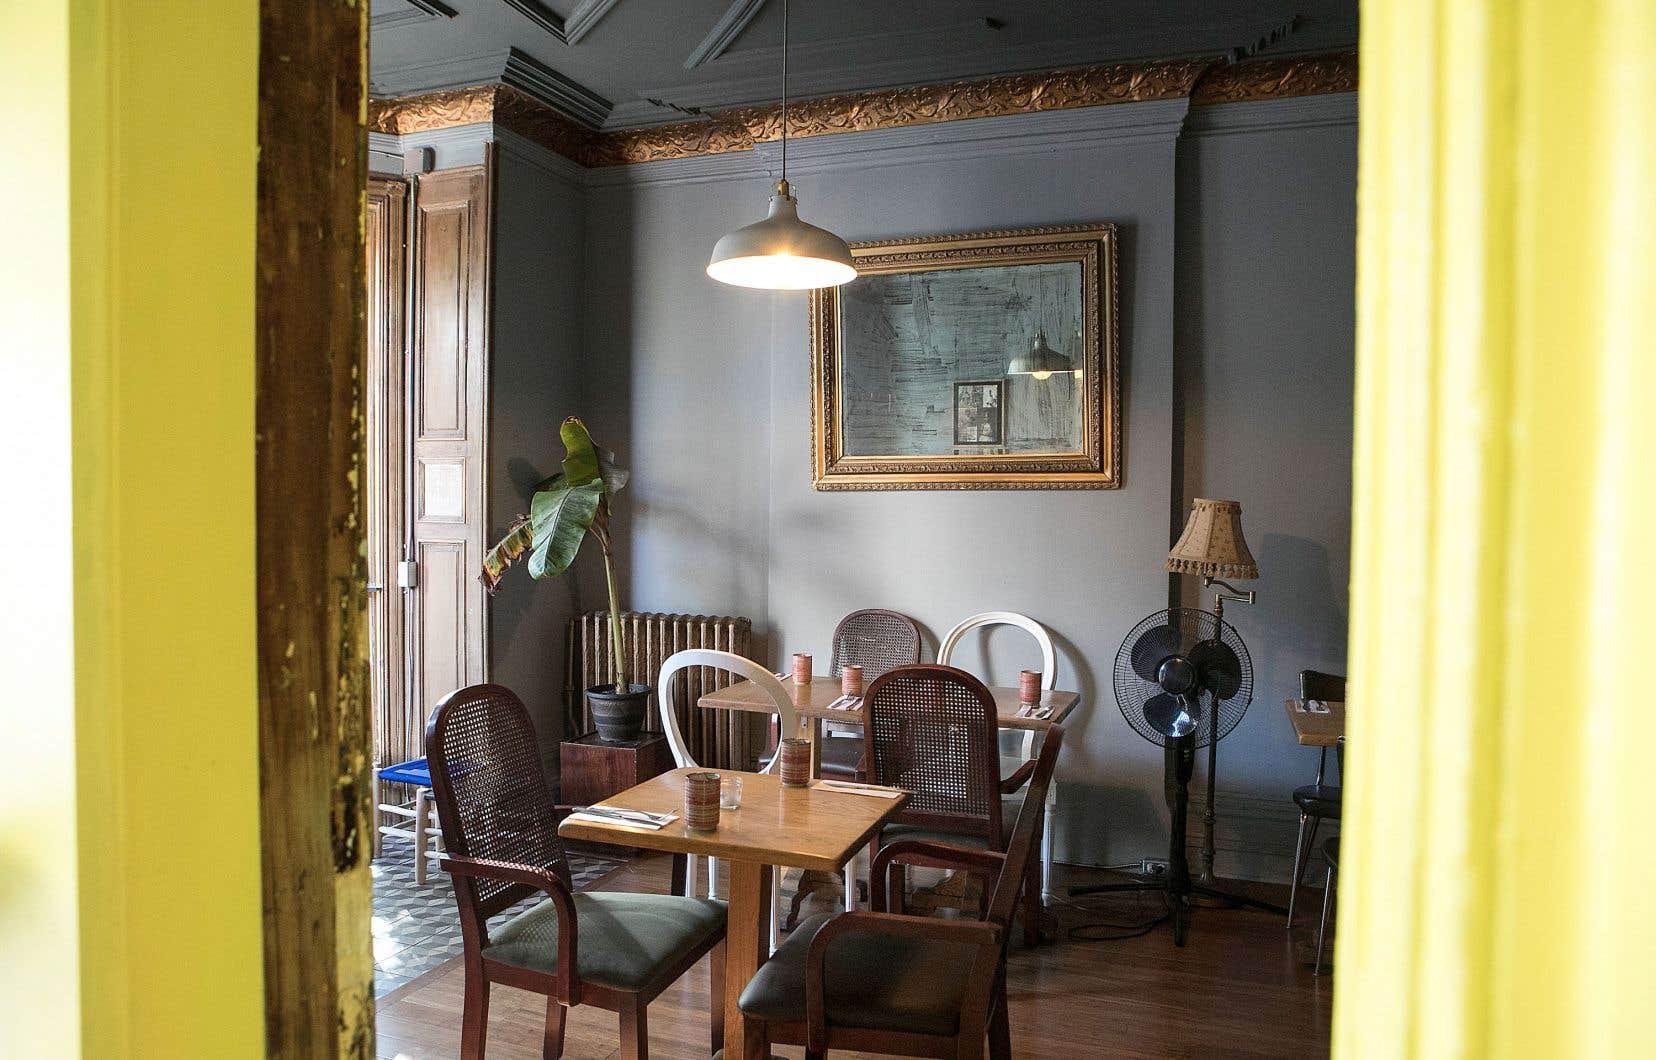 À la fin du repas, on ressort dépités de cette salle déraisonnablement bondée pour les capacités réelles de la cuisine.